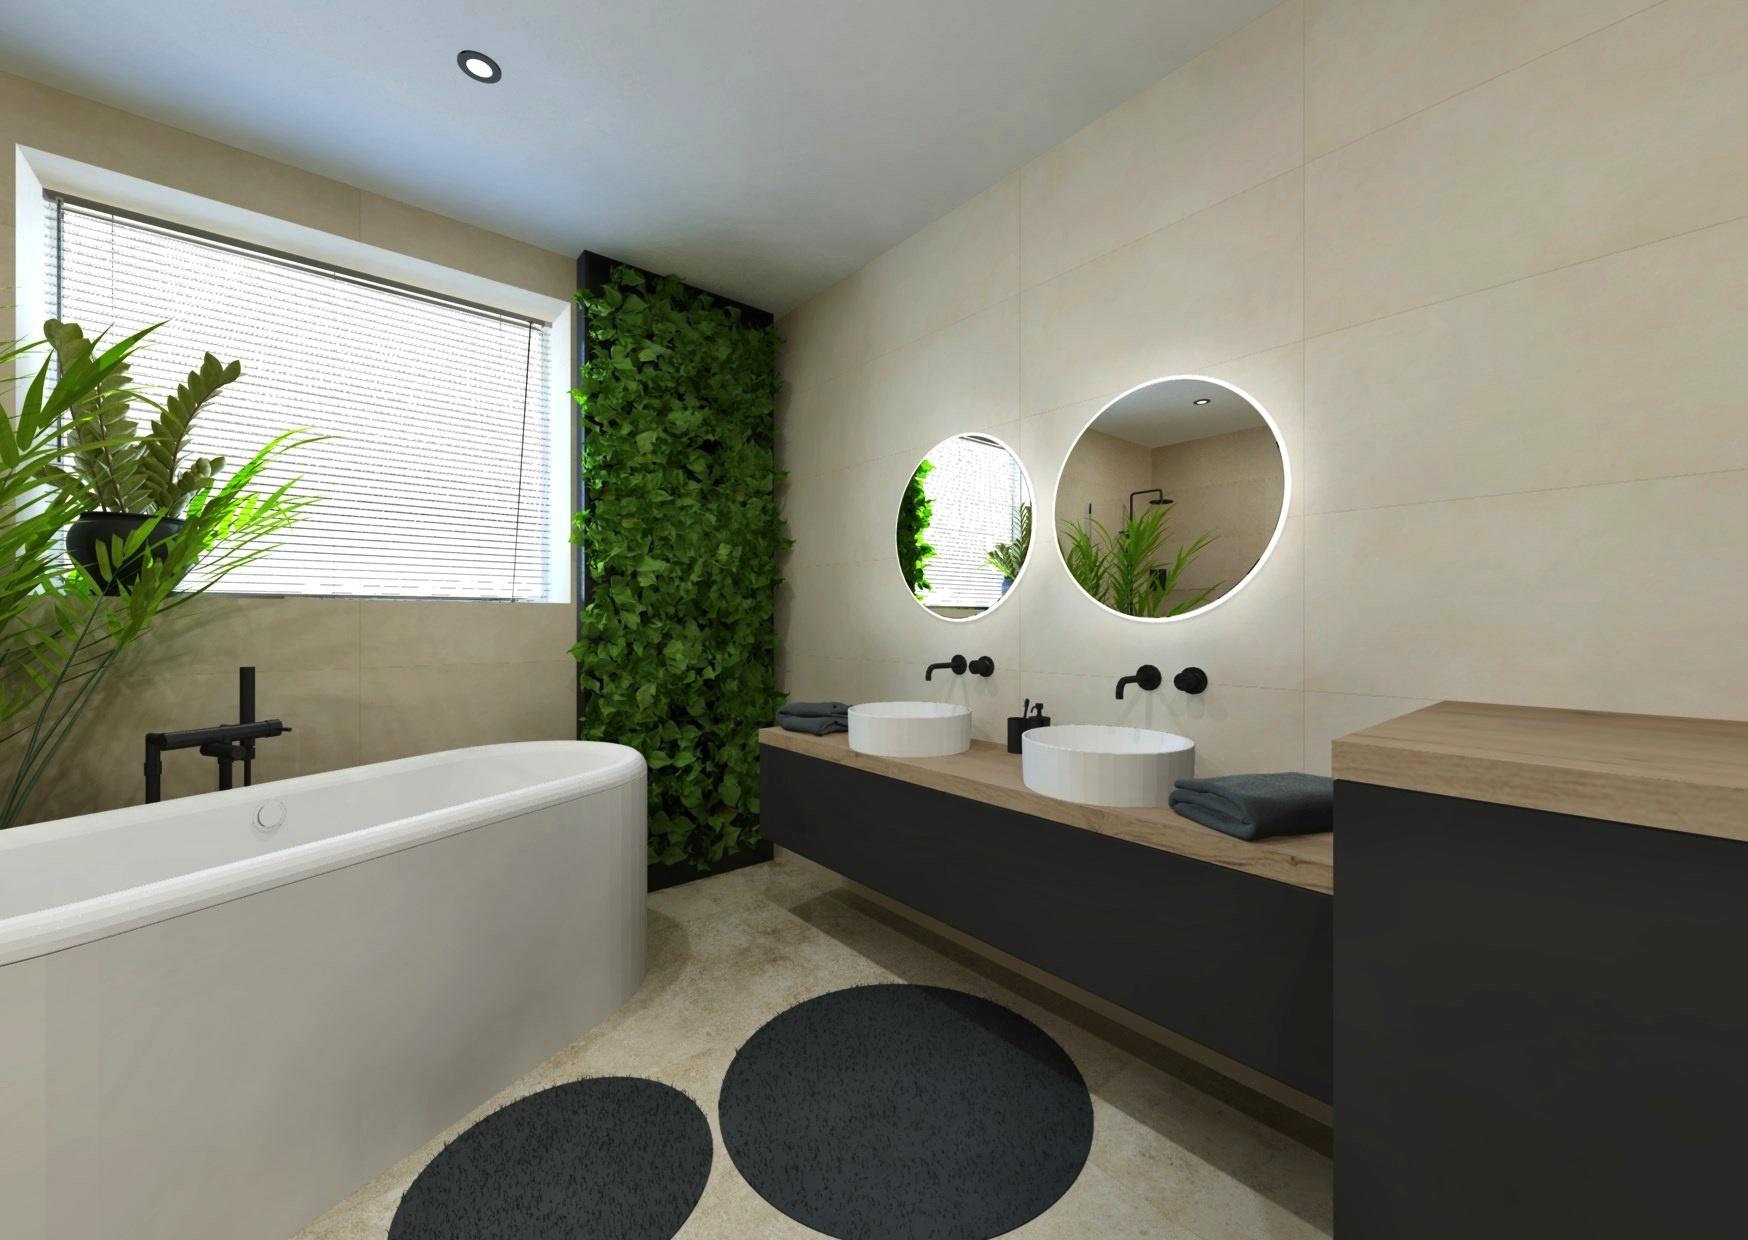 Návrh moderní koupelny se svěží zelení